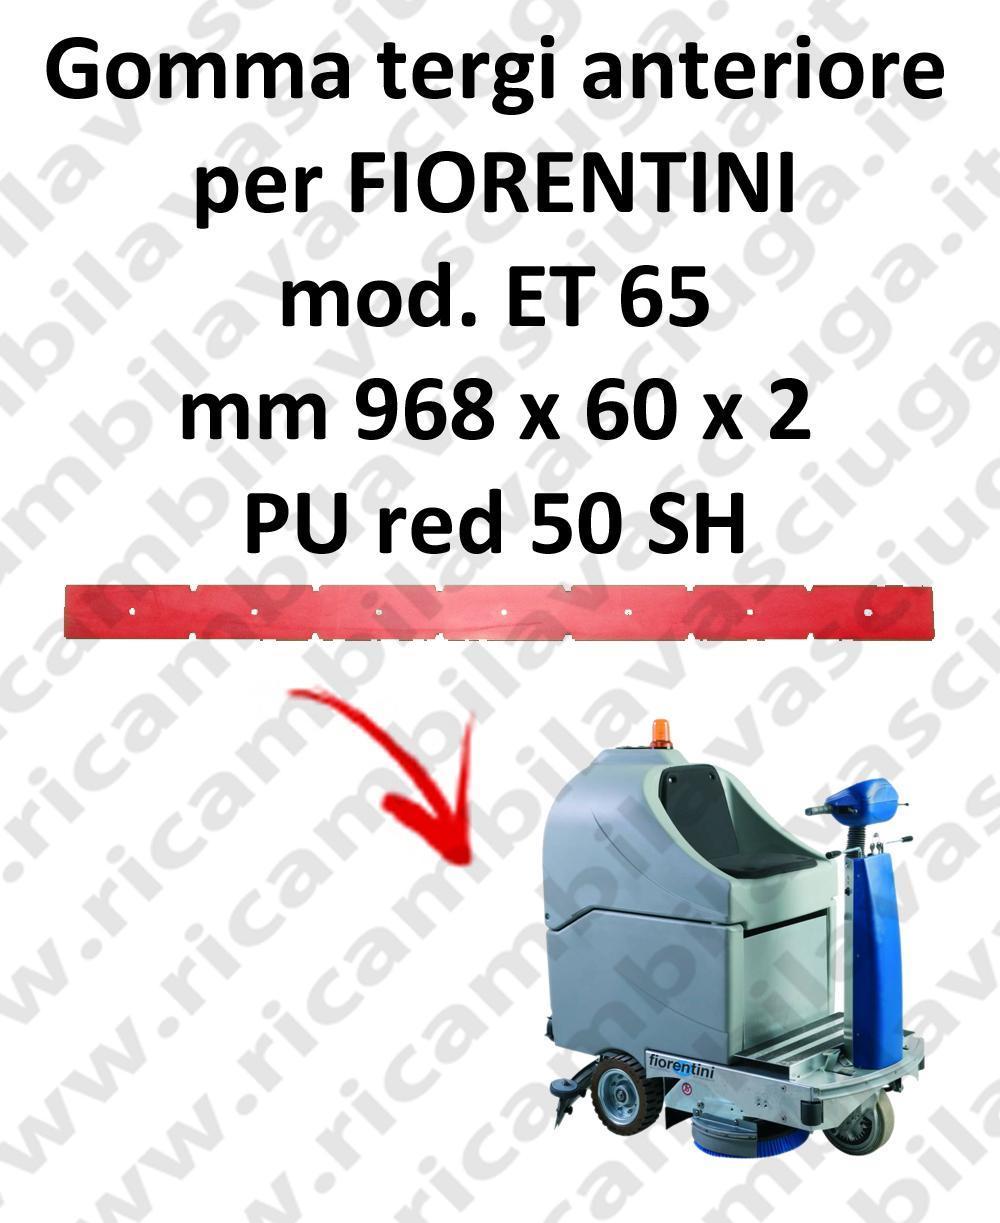 ET 65 Vorne sauglippen für scheuersaugmaschinen FIORENTINI